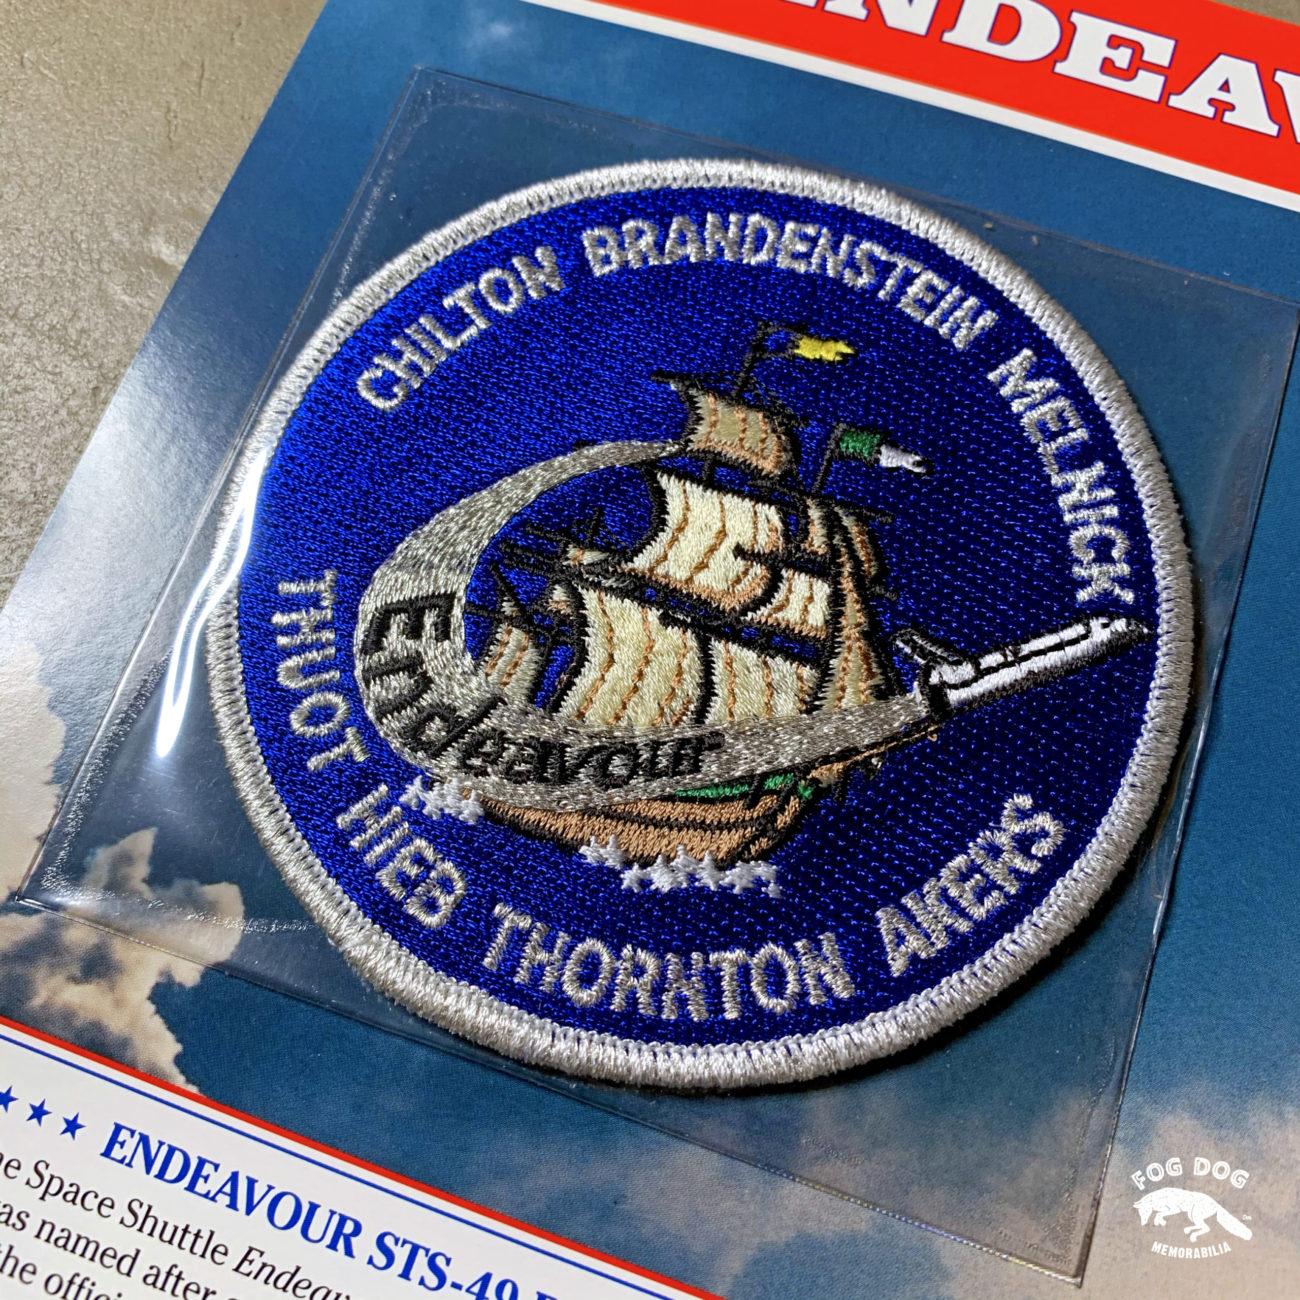 Oficiální textilní nášivka NASA - ENDEAVOUR STS-49